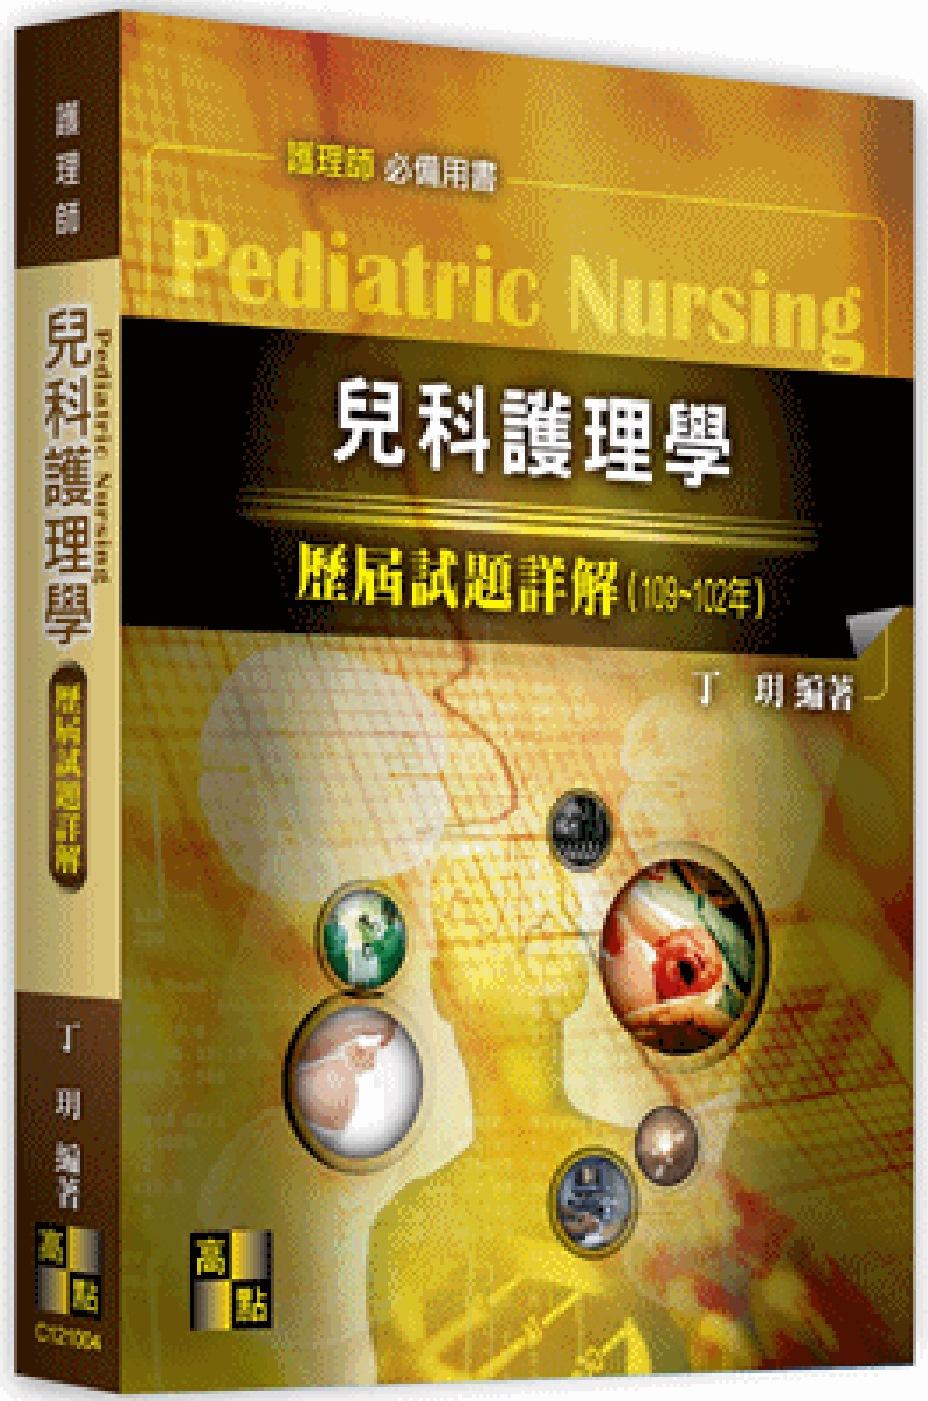 兒科護理學歷屆試題詳解(109~102年)